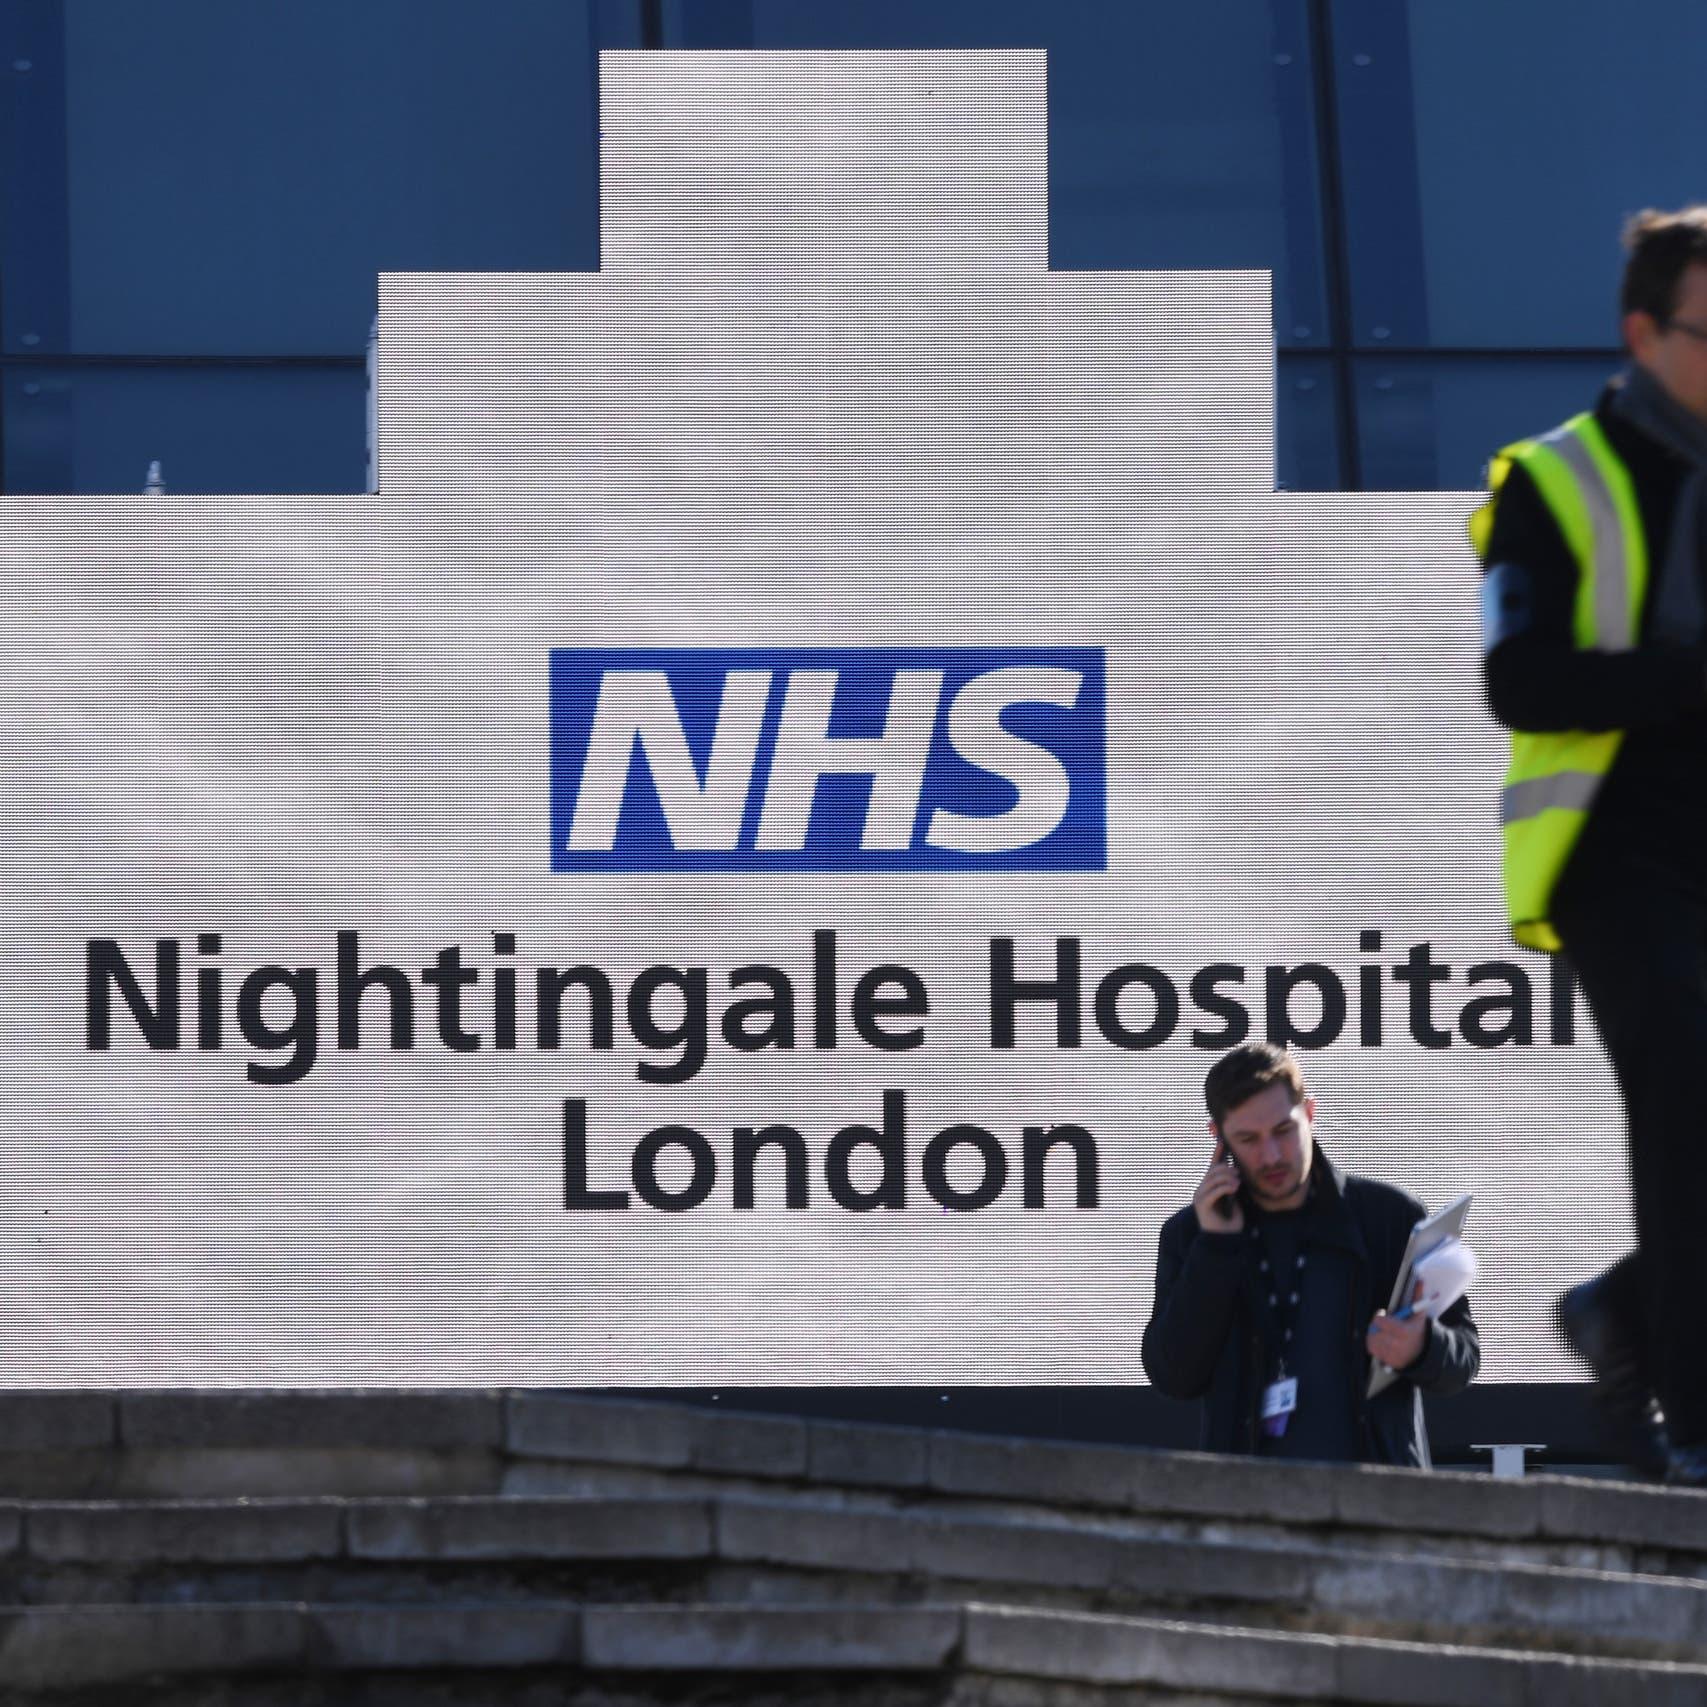 أدوية معجزة وعلاجات وهمية لكورونا.. بريطانيا تتحرى